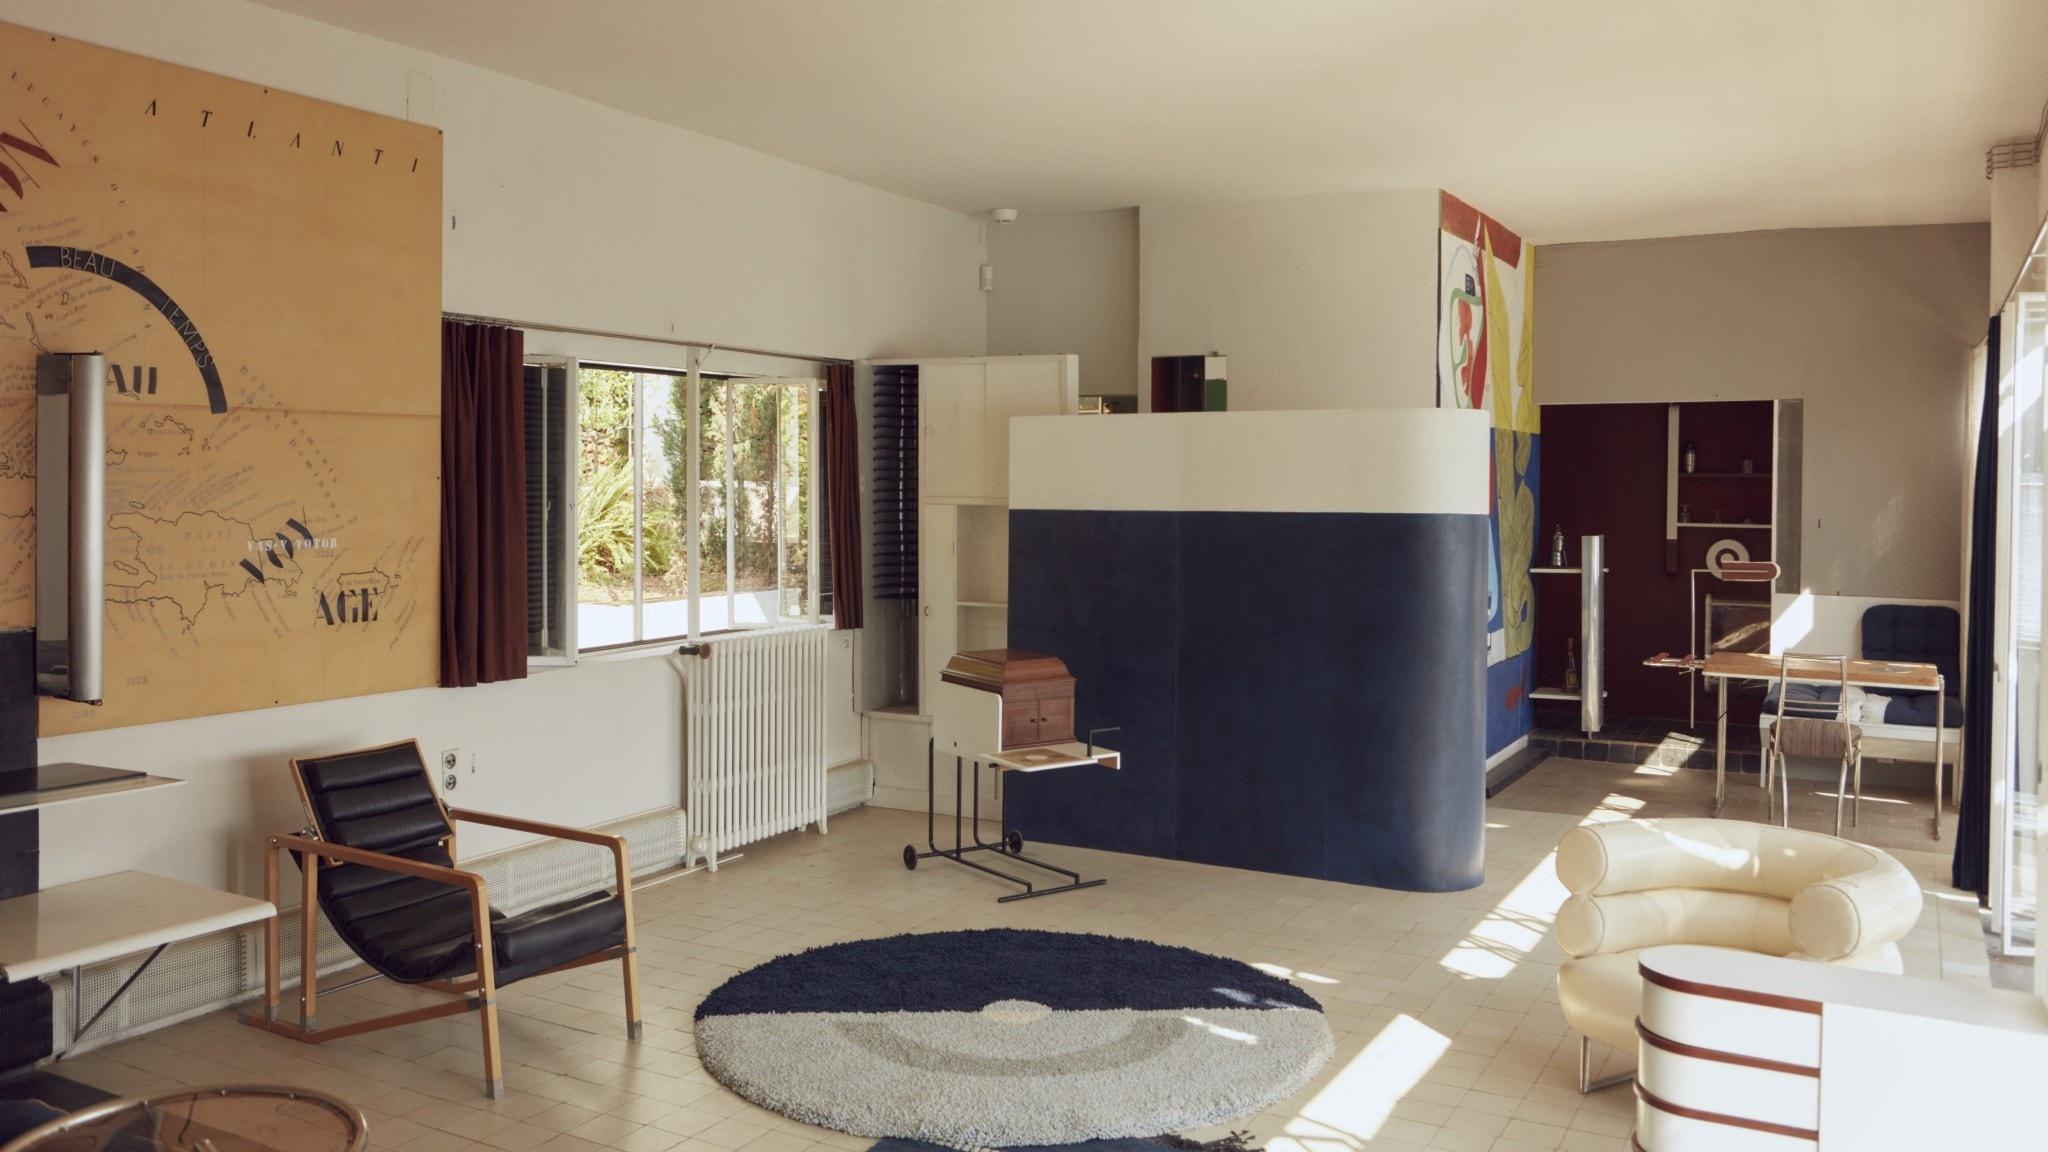 Vardagsrummet i den nyrestaurerade villan E-1027.